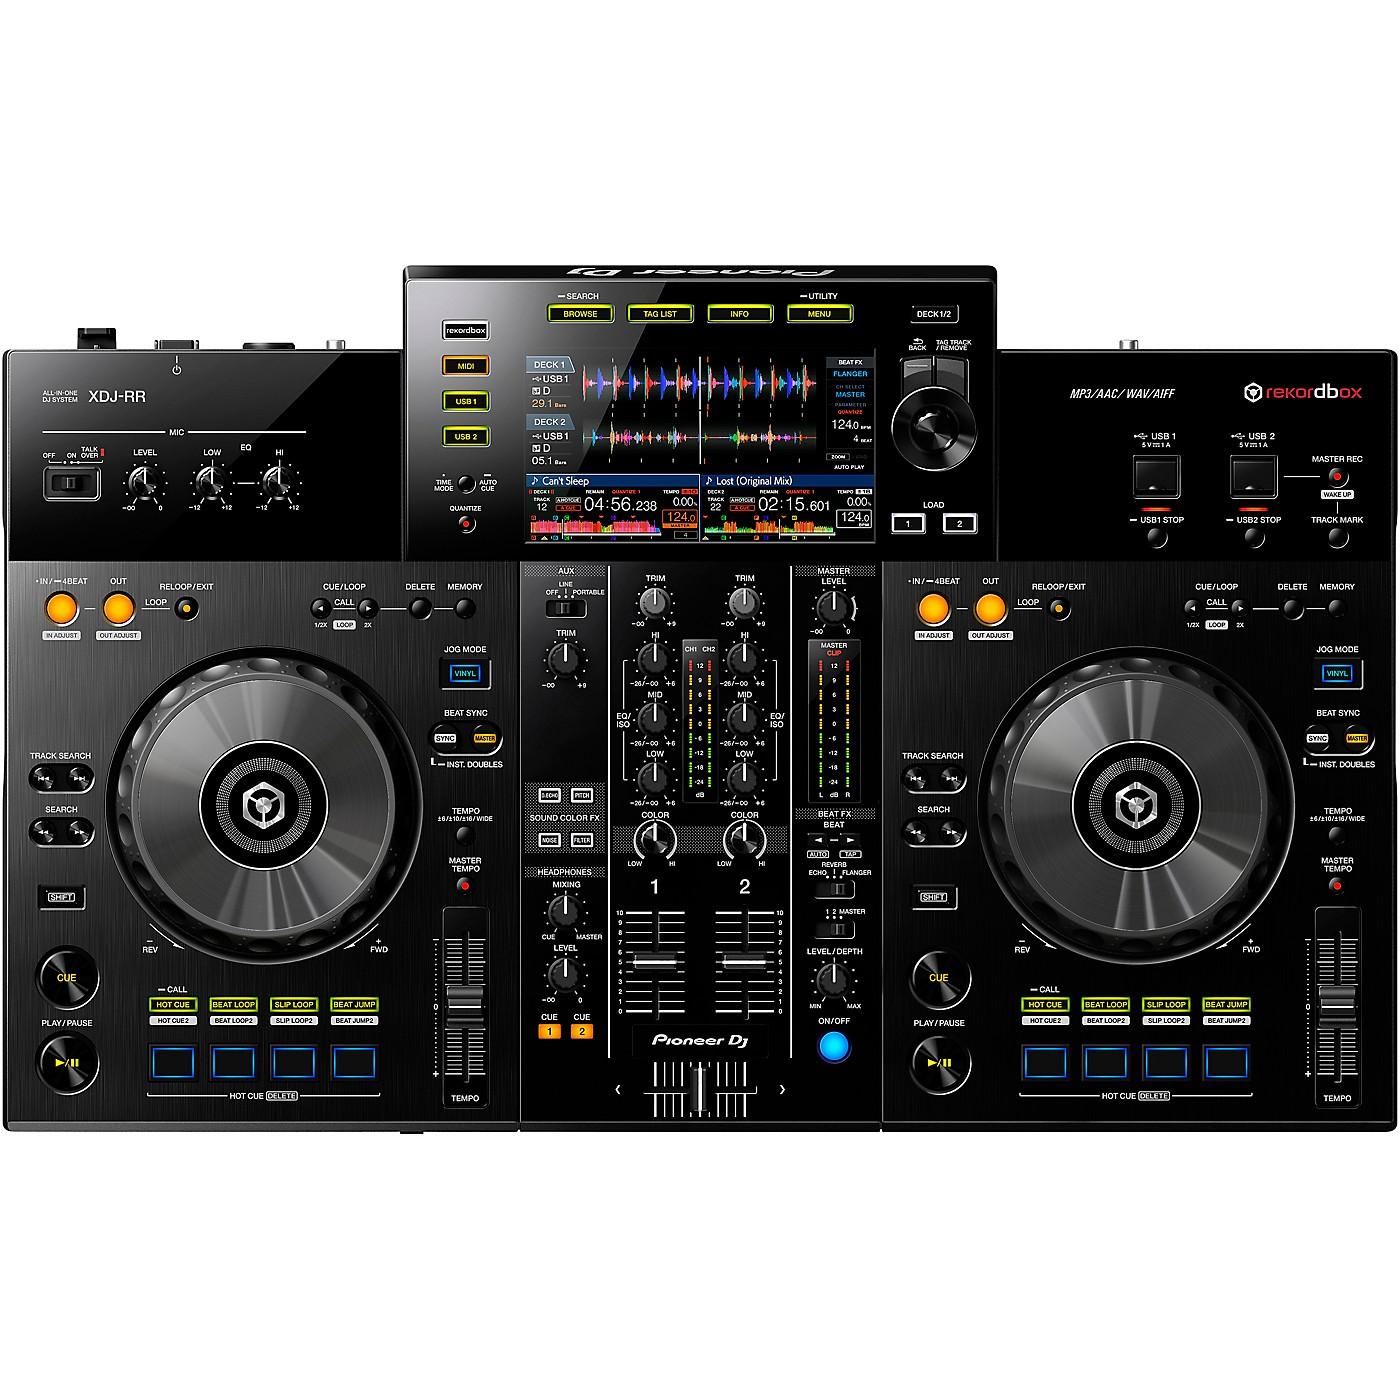 Pioneer XDJ-RR Rekordbox DJ Controller thumbnail